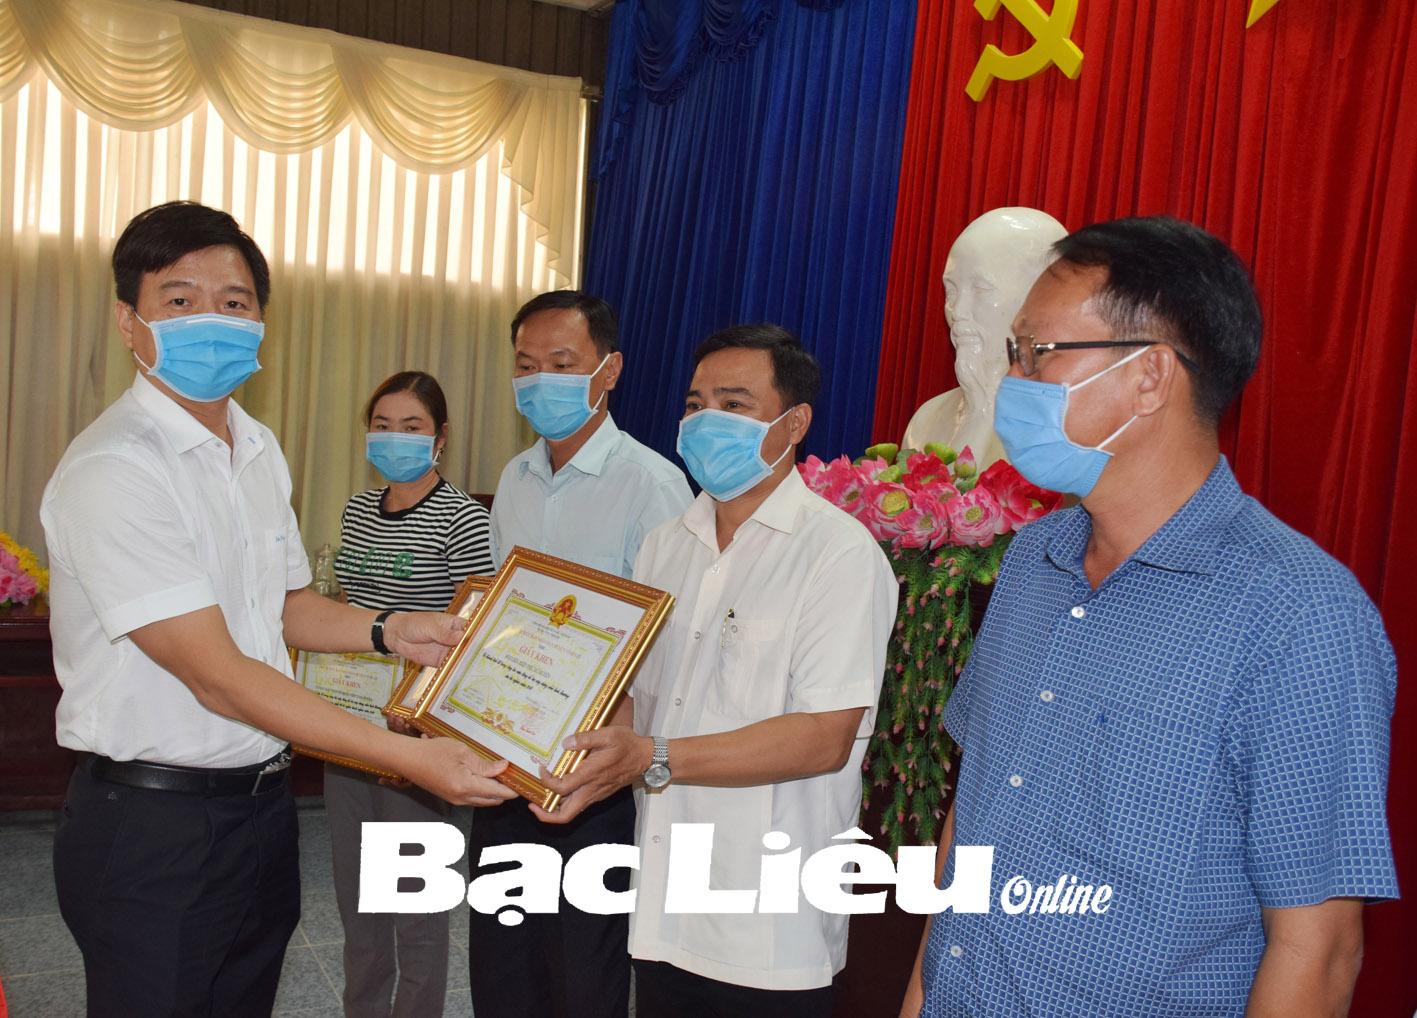 Huyện Vĩnh Lợi: Quyết tâm giảm nghèo bền vững và chống tái nghèo